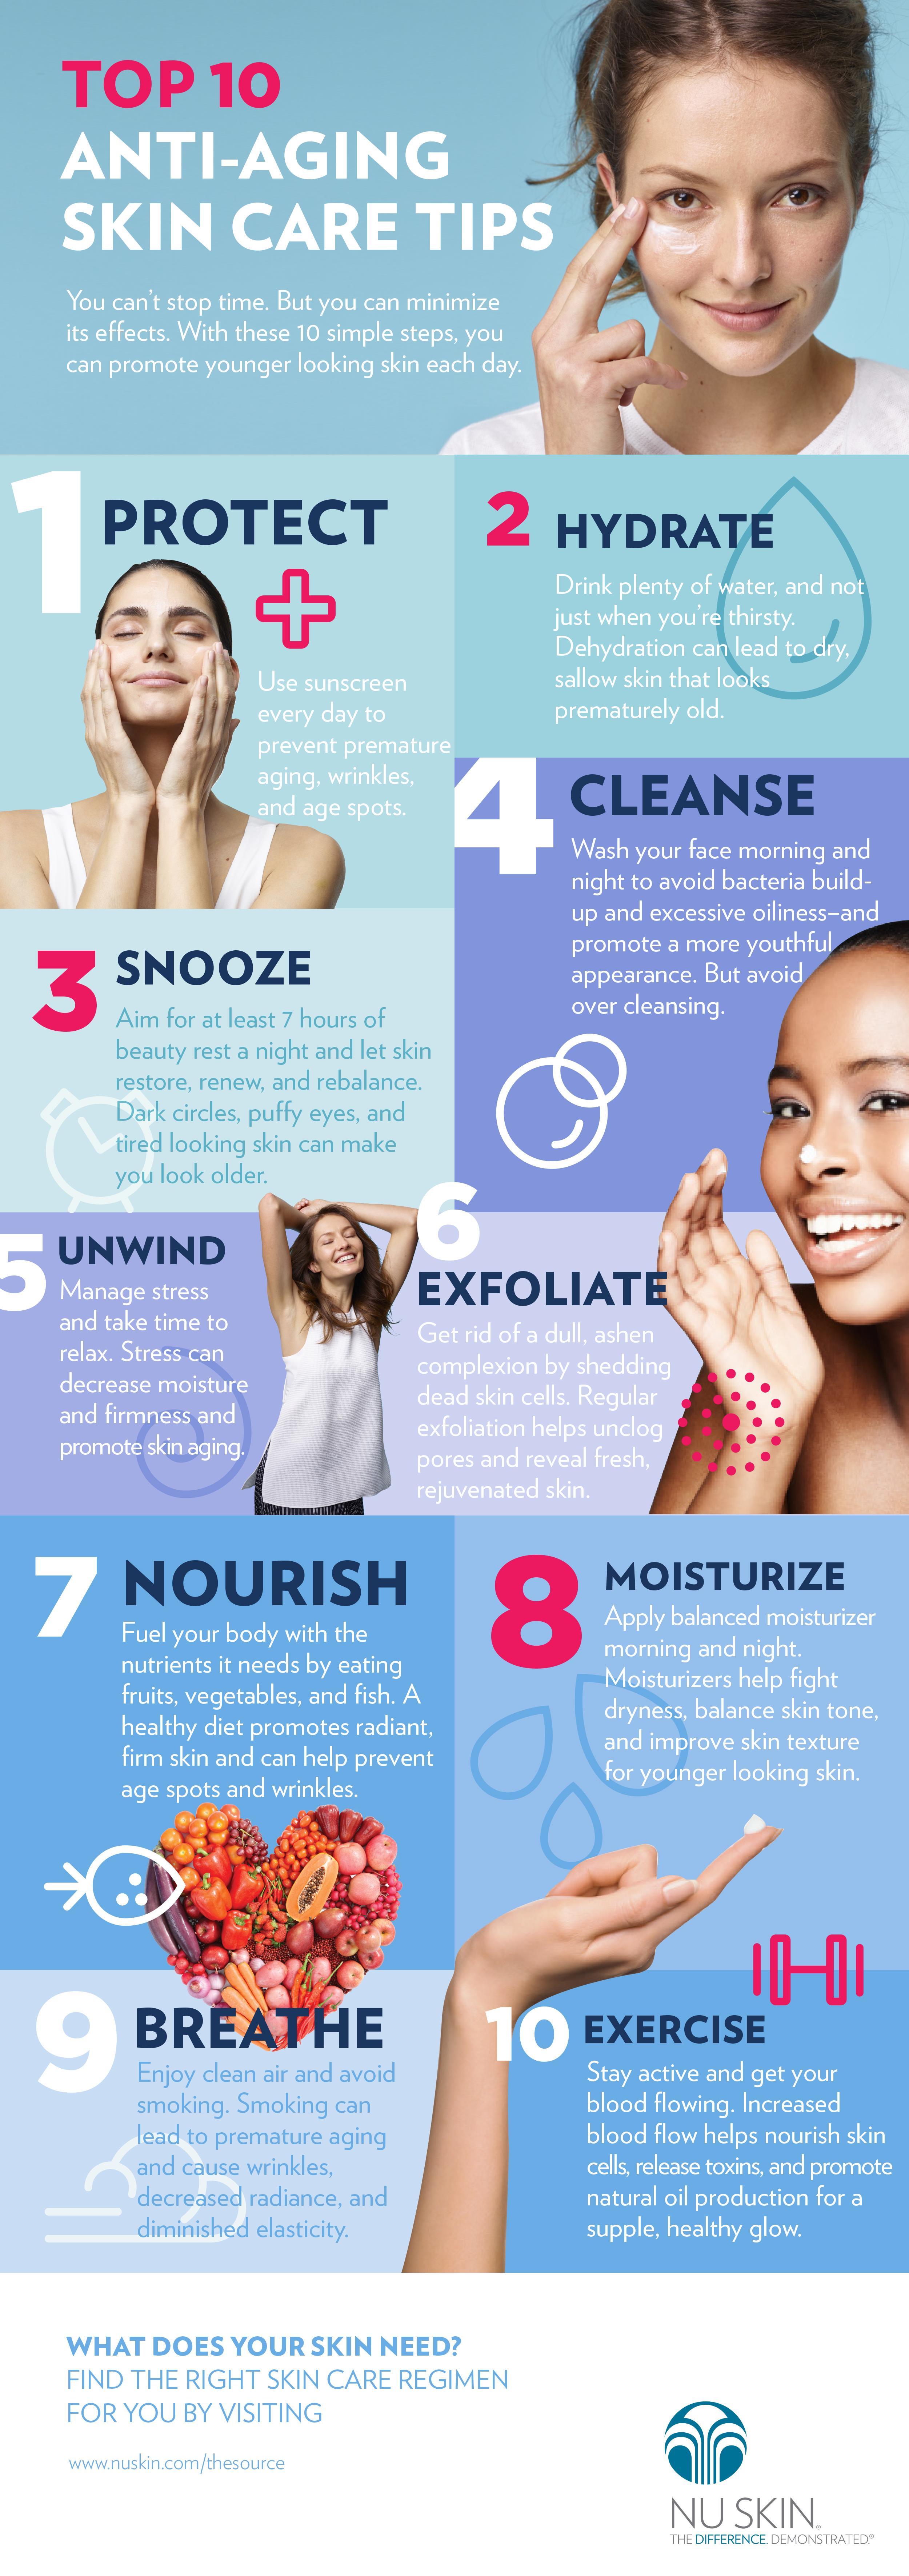 ageloc-me-top-10-anti-aging-skin-care-ti